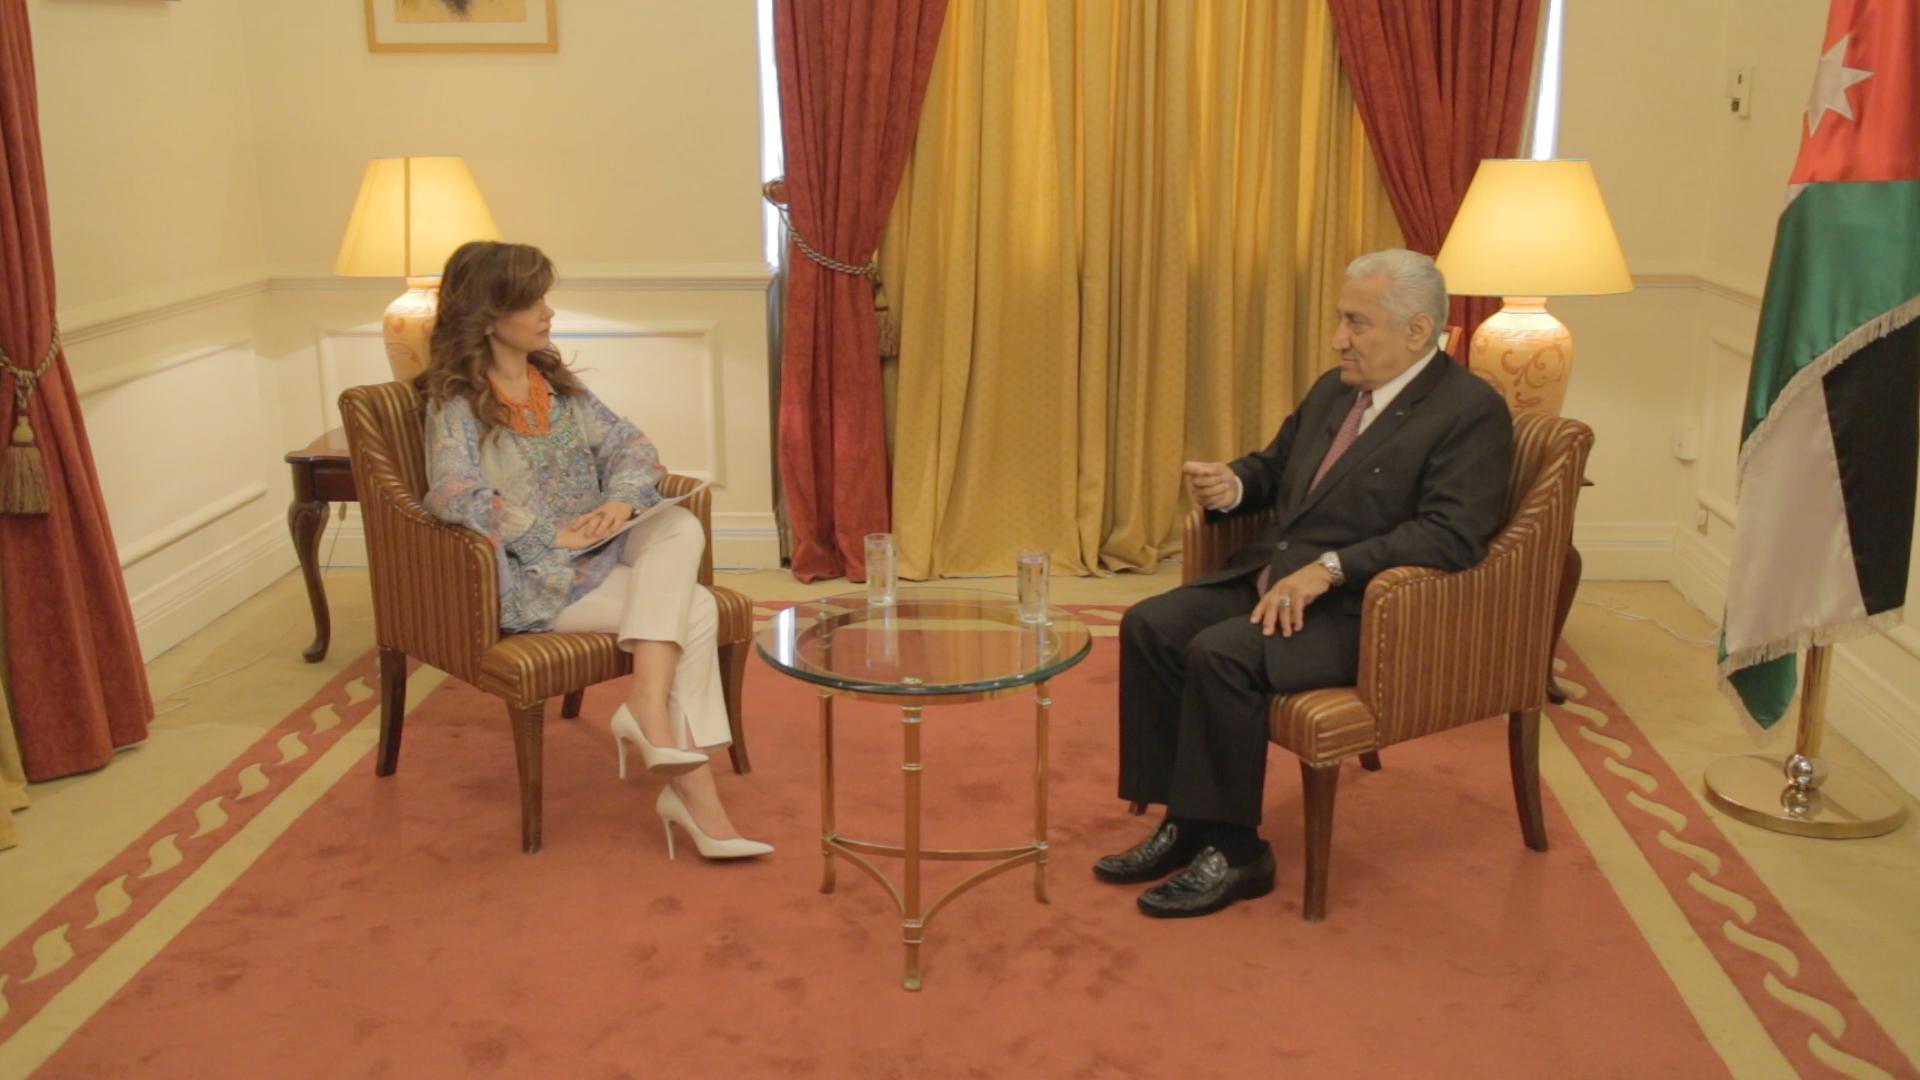 ΠΡΟΣΩΠΙΚΑ Η Έλενα Κατρίτση με τον Αμπντάλα Ενσούρ%2cτ. Πρωθυπουργό Ιορδανίας